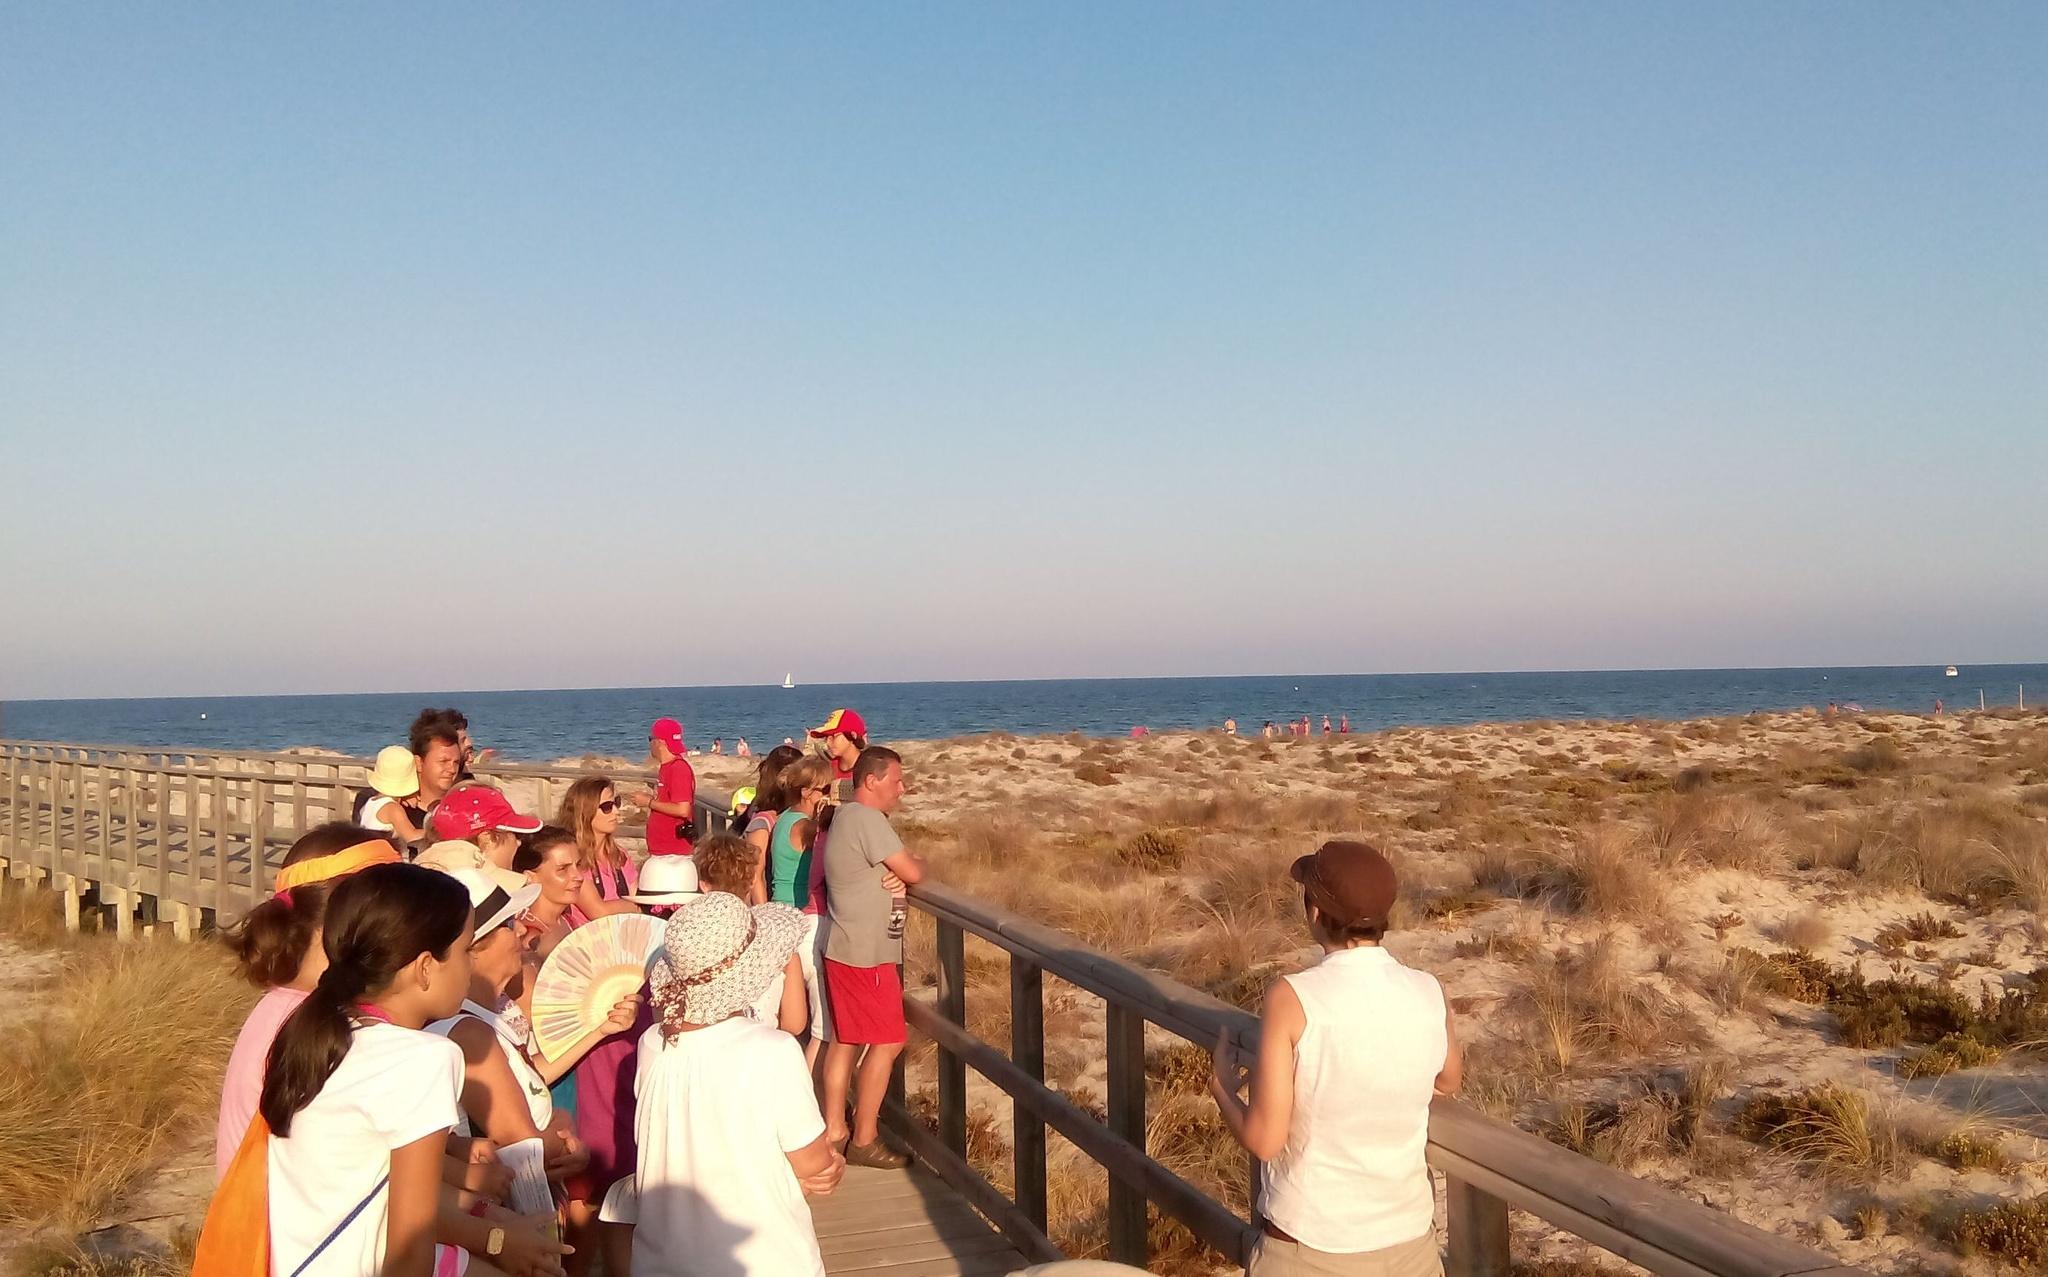 Ruta por el PR de las Salinas y Arenales de San Pedro del Pinatar, donde es fácil encontrar restos de Posidonia oceanica